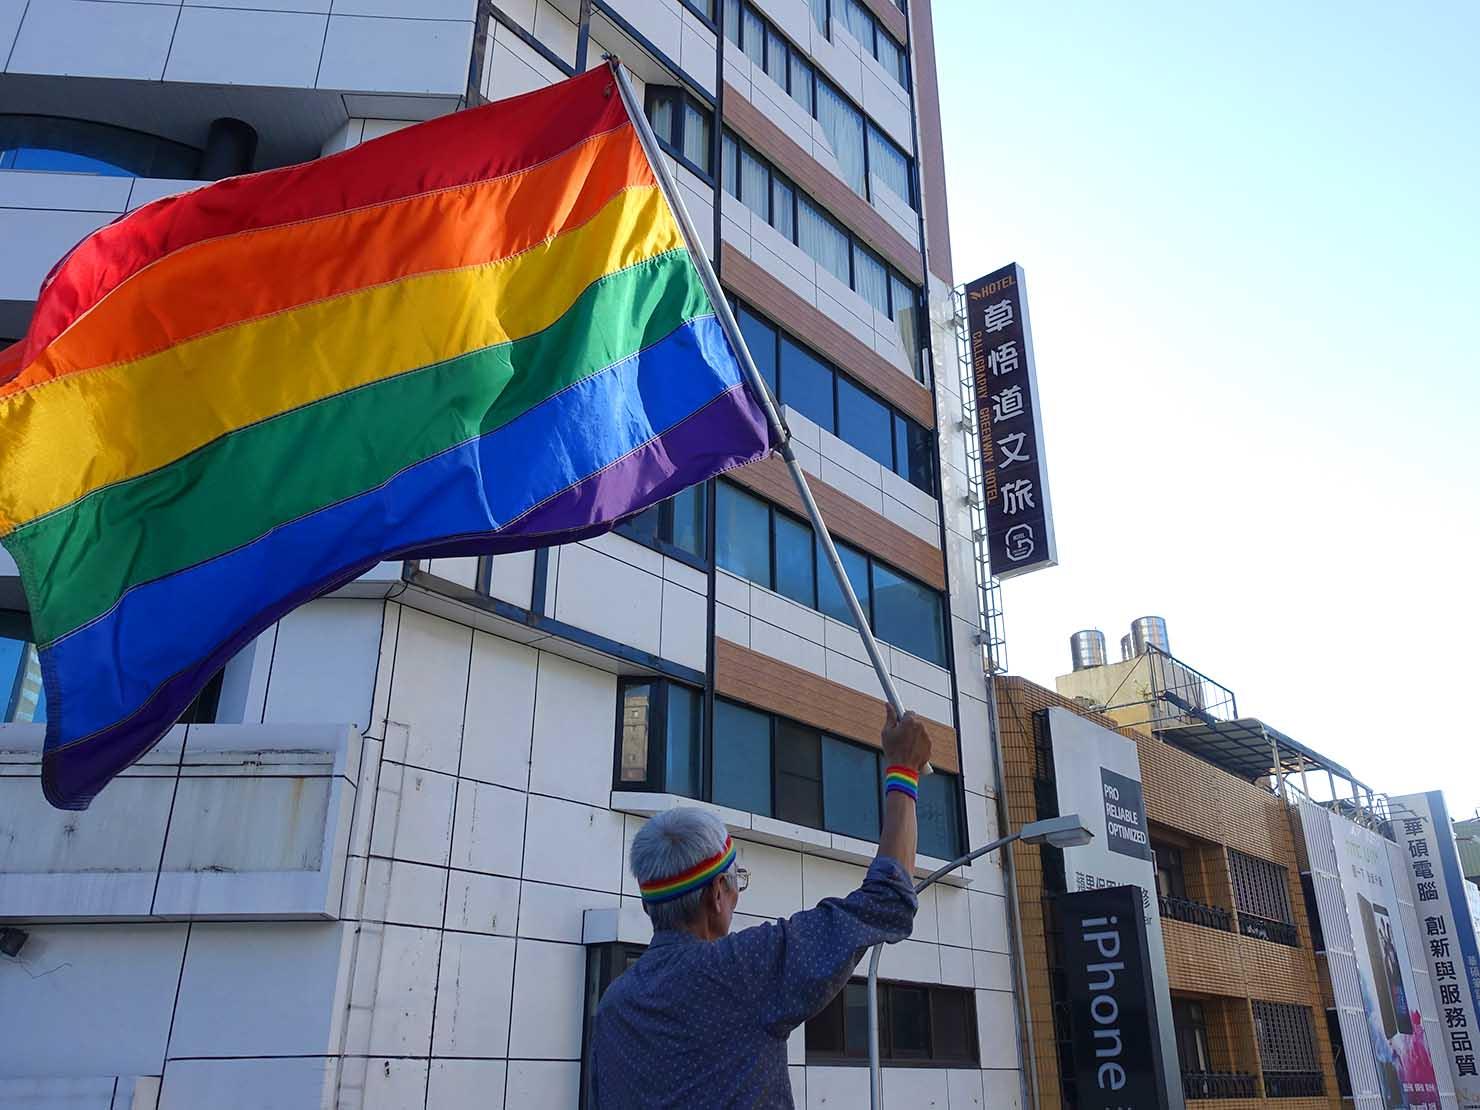 台中同志遊行(台中LGBTプライド)2017の歩道橋からレインボーフラッグを振る活動家・祁家威氏